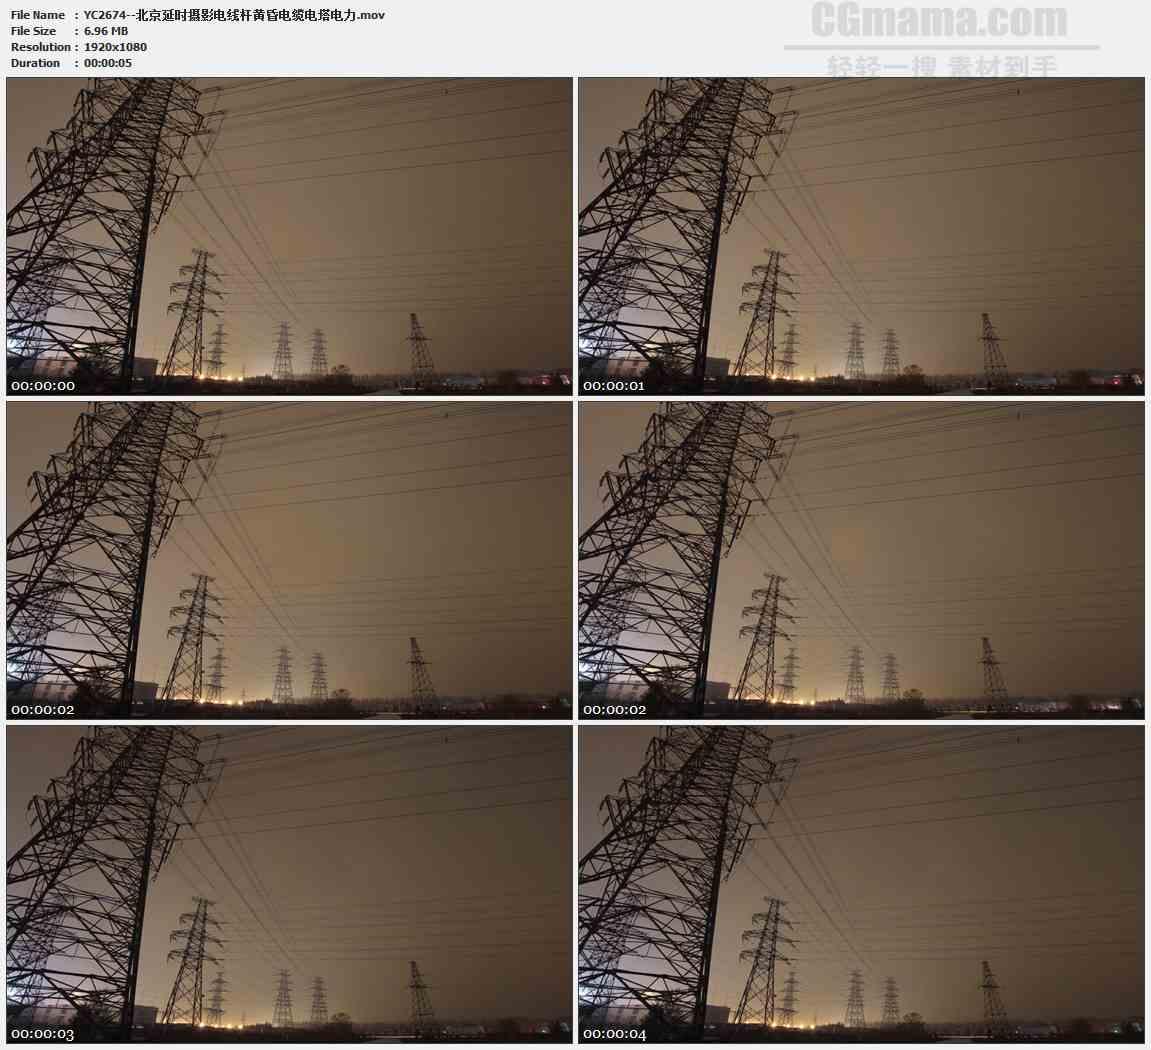 YC2674--北京延时摄影电线杆黄昏电缆电塔电力高清实拍视频素材